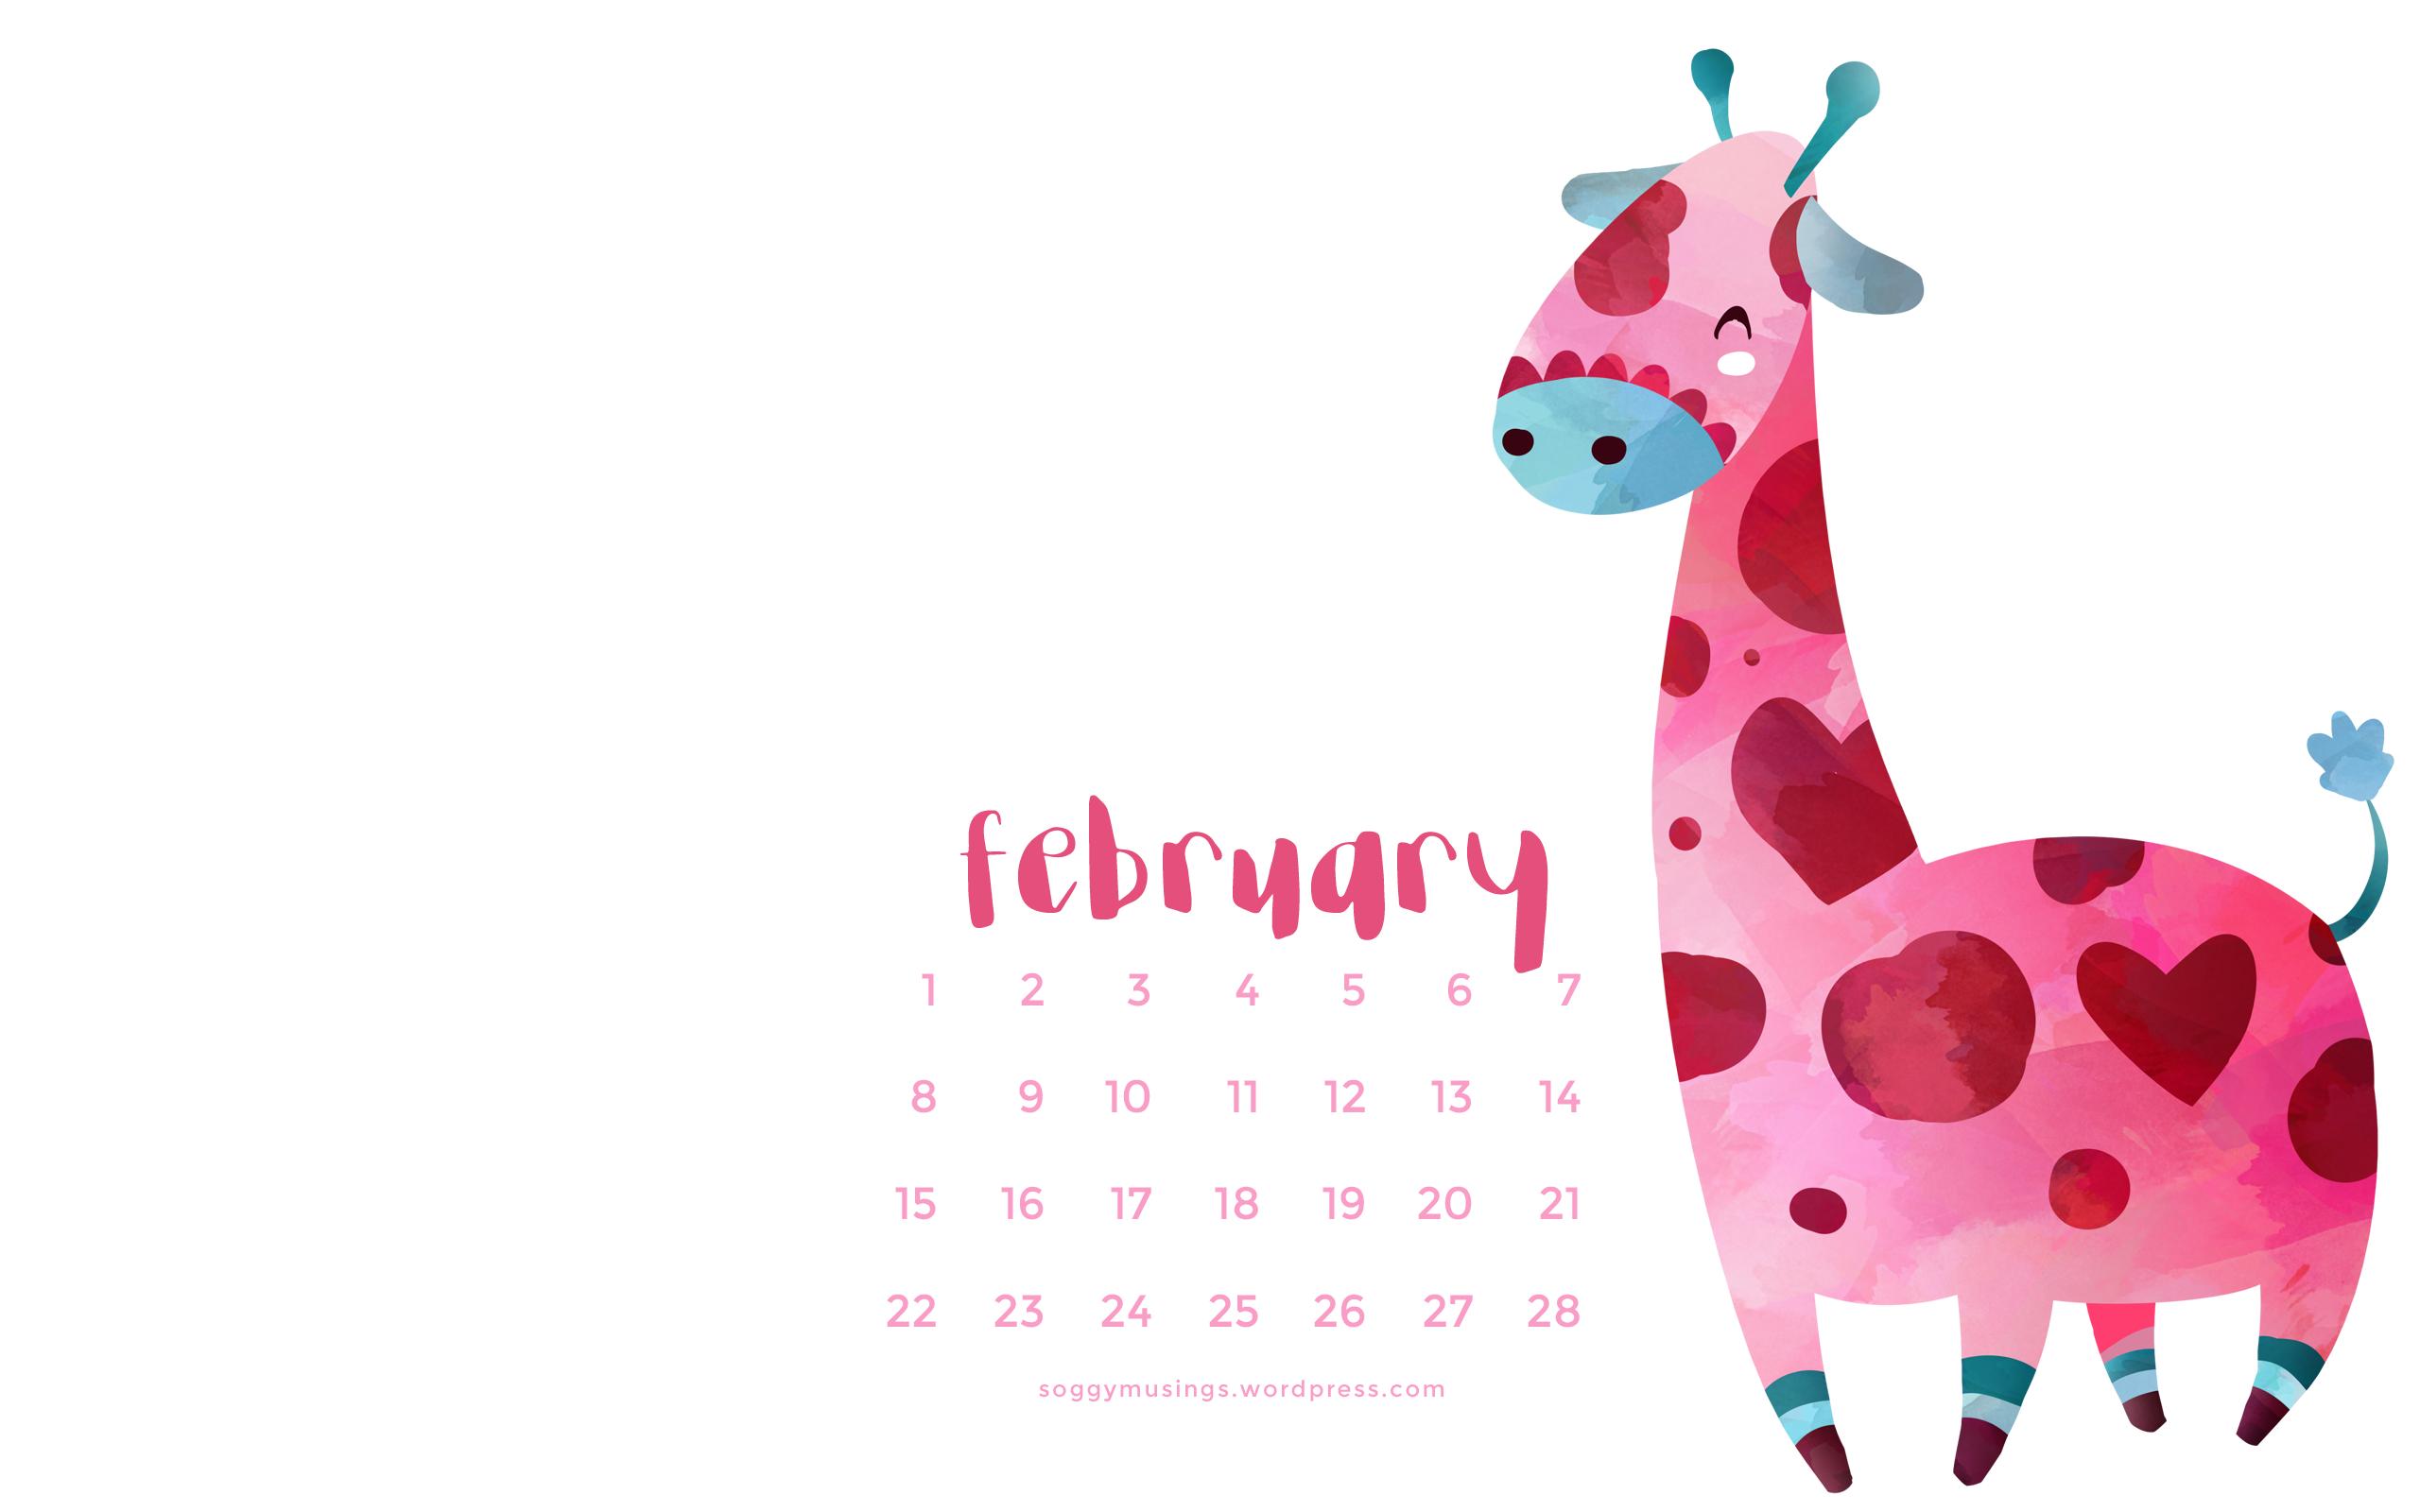 Free Desktop Wallpaper for February 2017 | 403-615-3708 ...